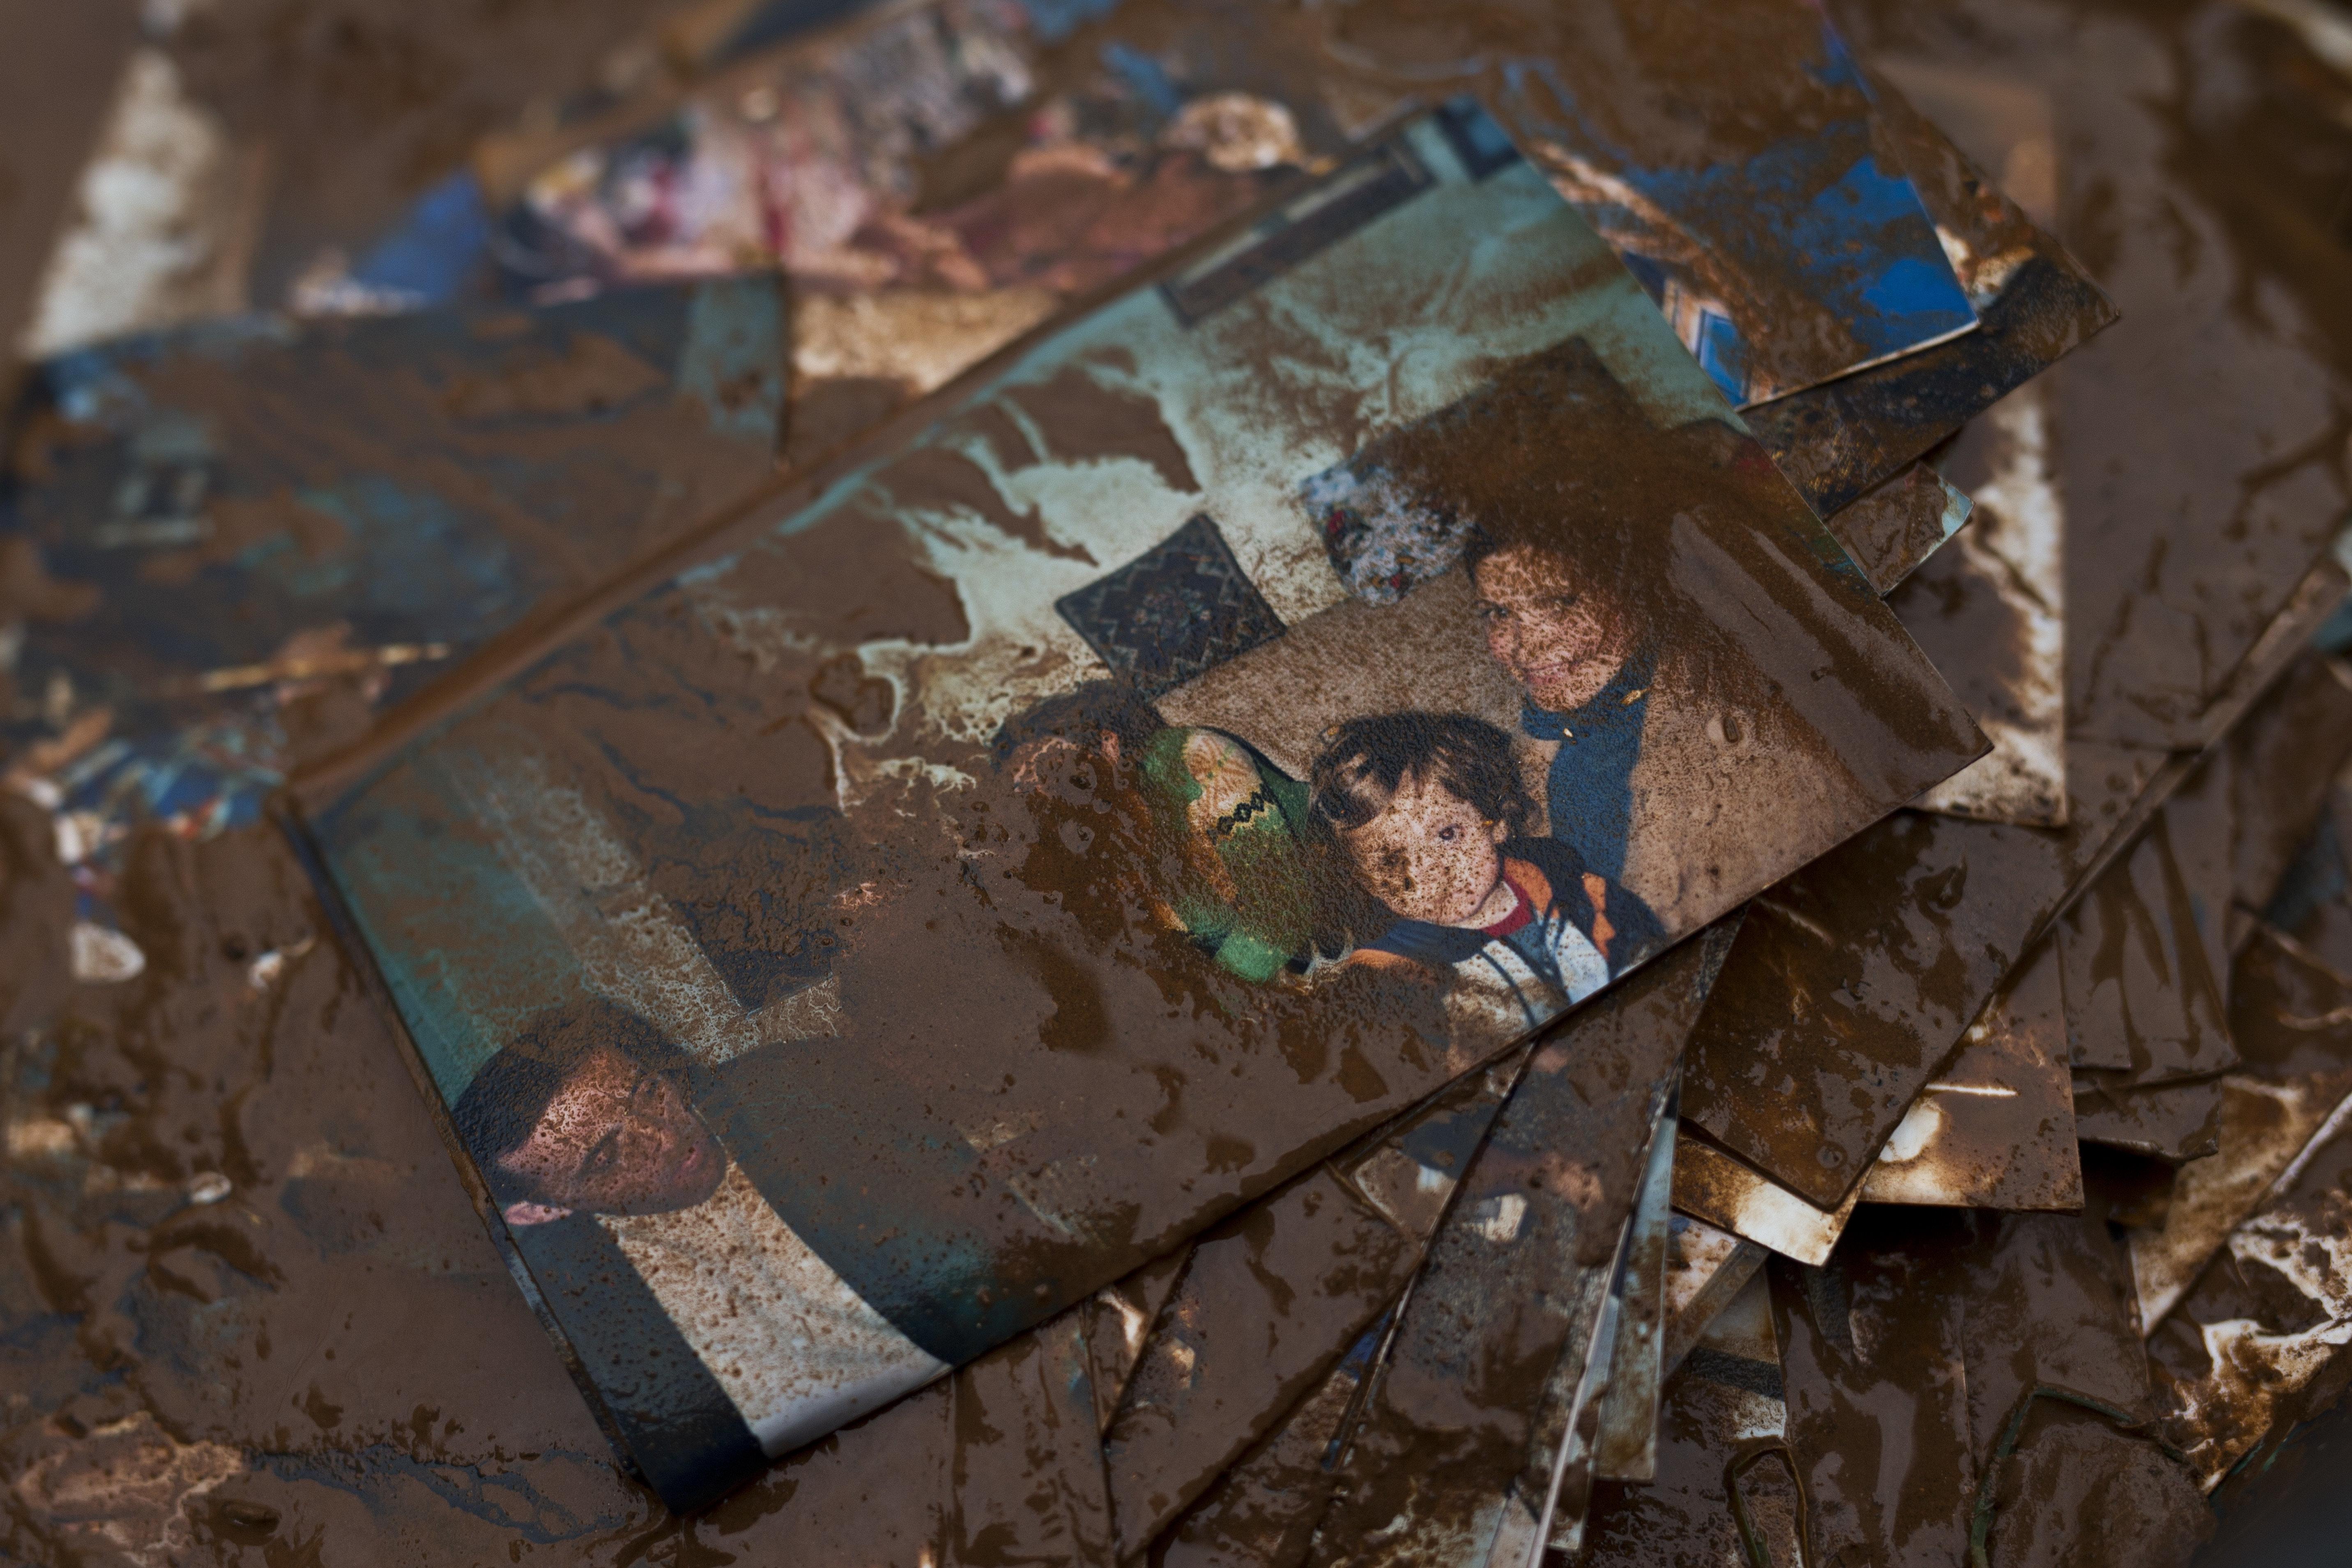 Μάνδρα, ένας χρόνος μετά: Τι πήγε στραβά και τι πρέπει να